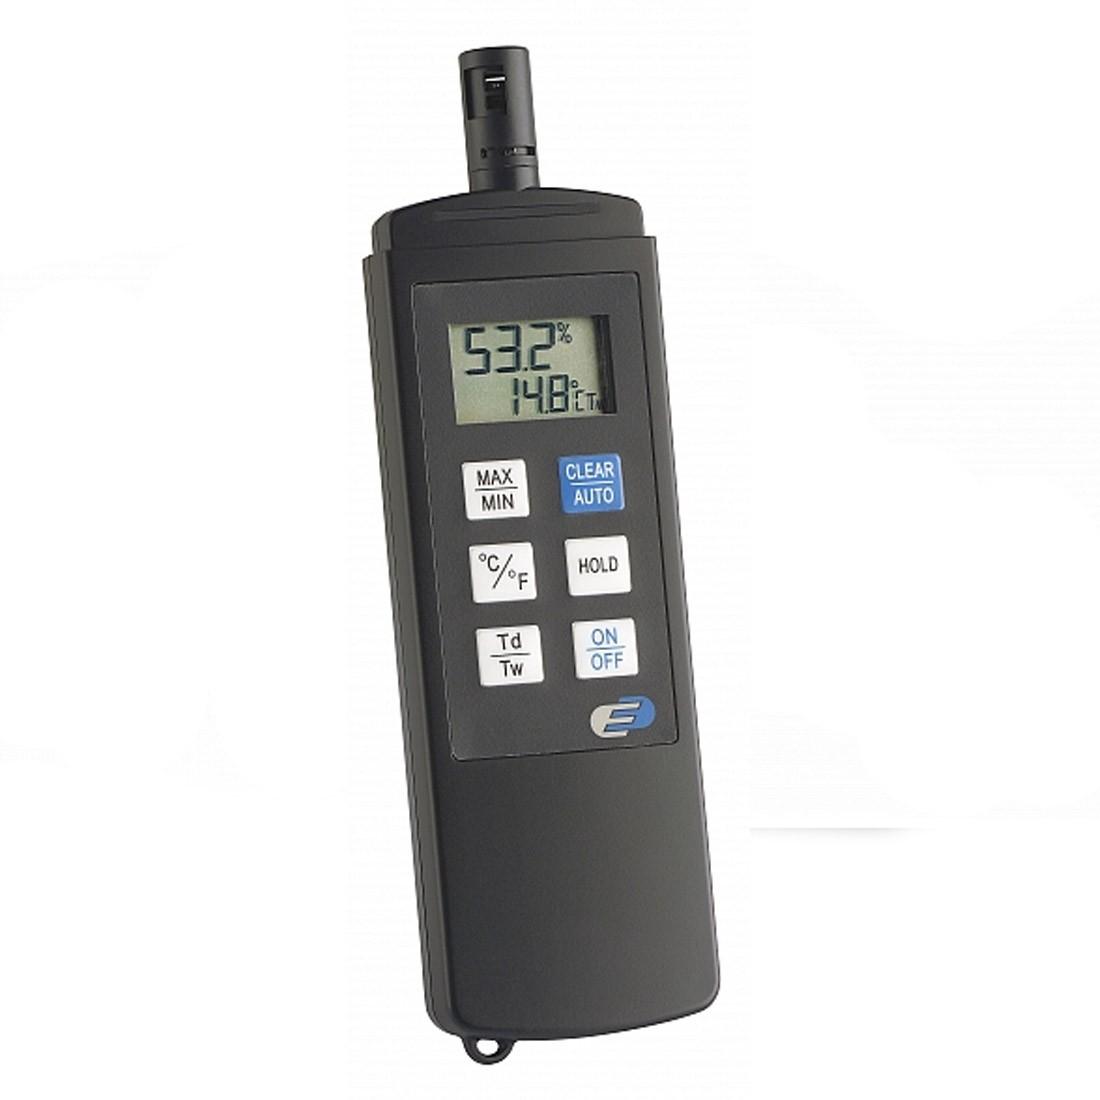 H560 - Dewpoint Pro - Temperatur-Feuchte-Messgerät mit Taupunktanzeige